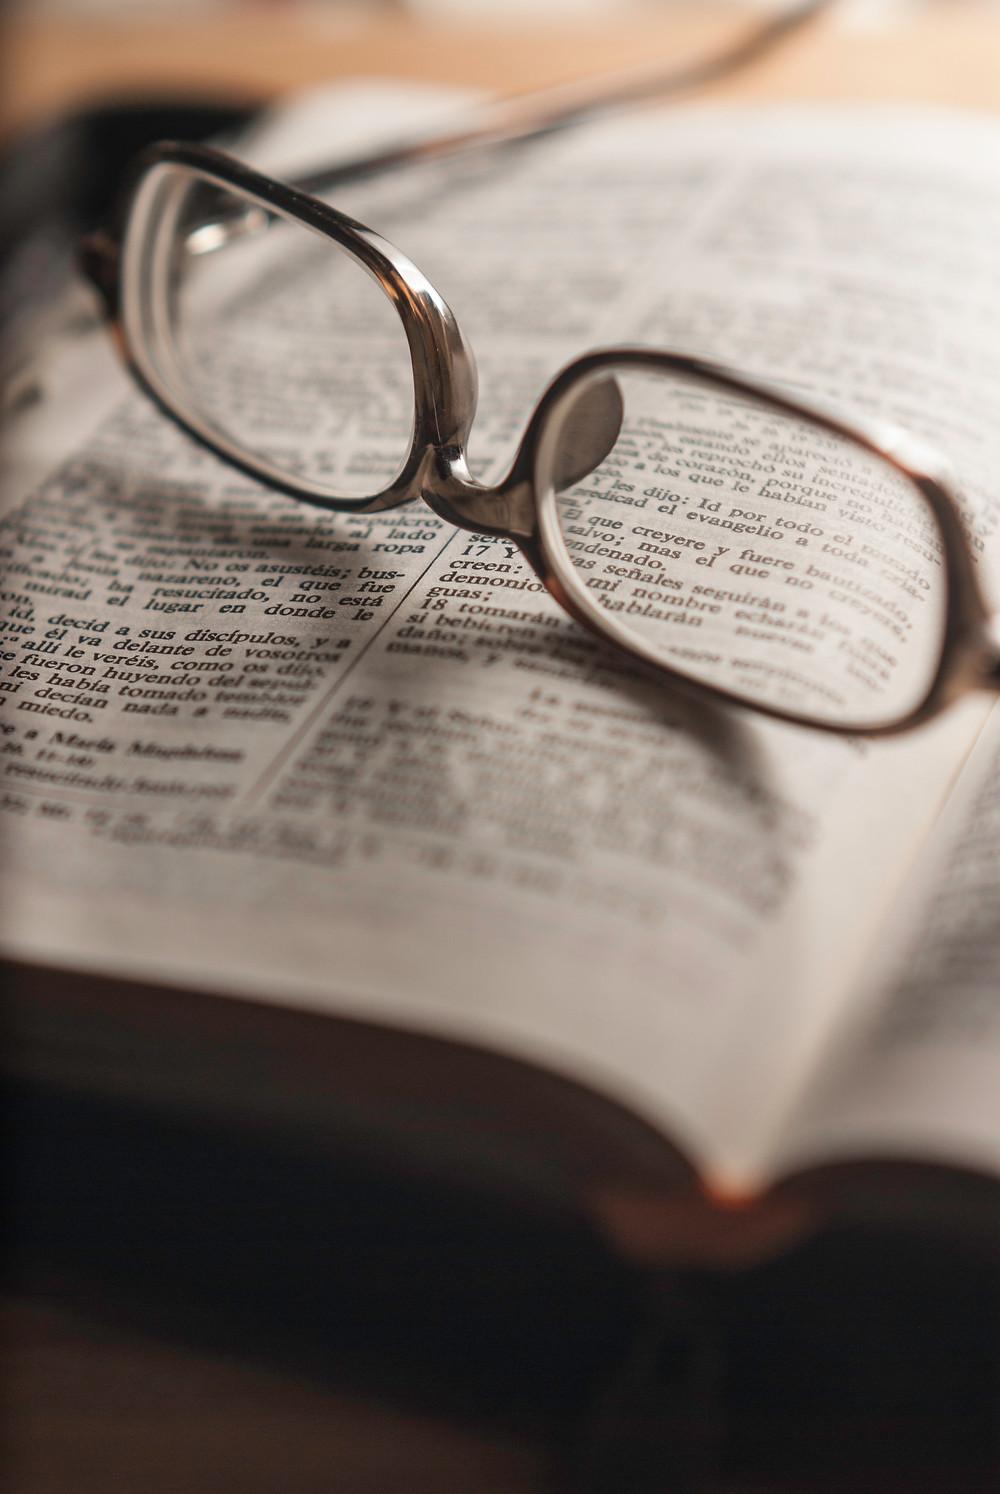 BIBLIA ADOGMÁTICA…  |  @ Artigo: Amando Hurtado